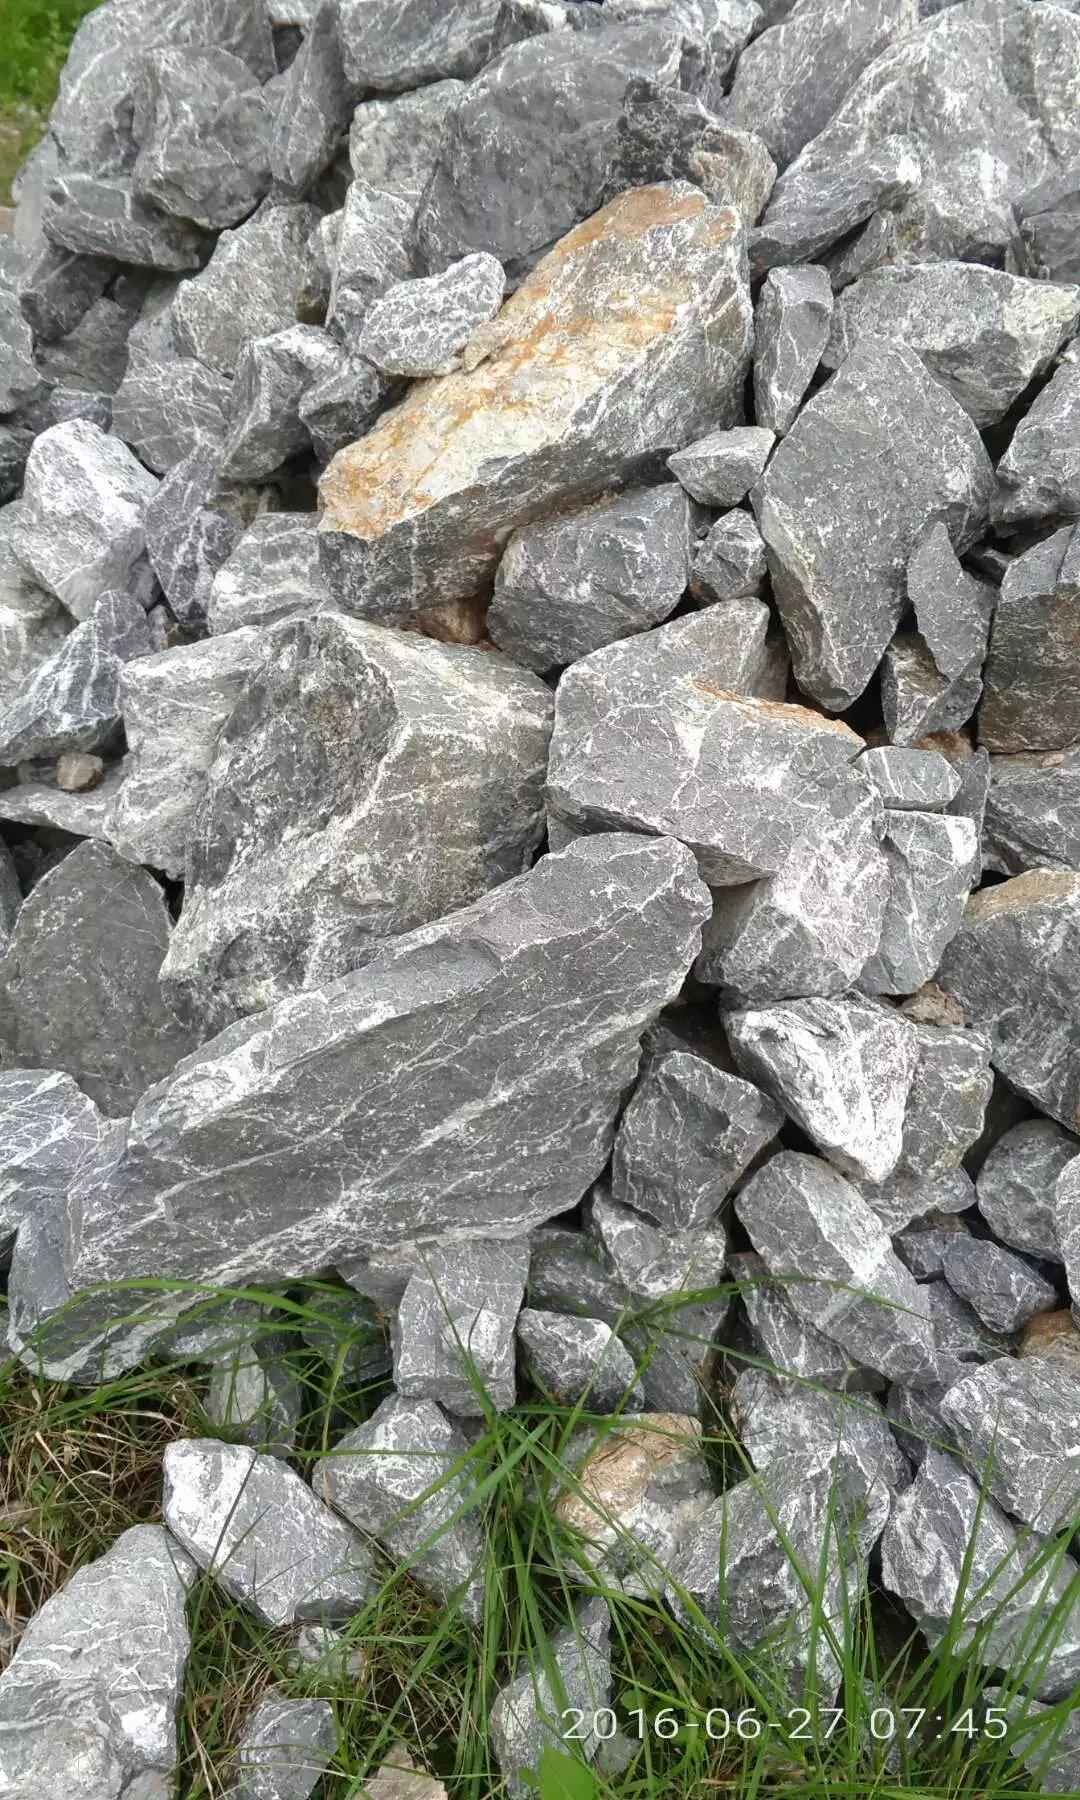 商铺首页 产品展示 > 九江市石灰石|石灰石供应商   信息不能为空!